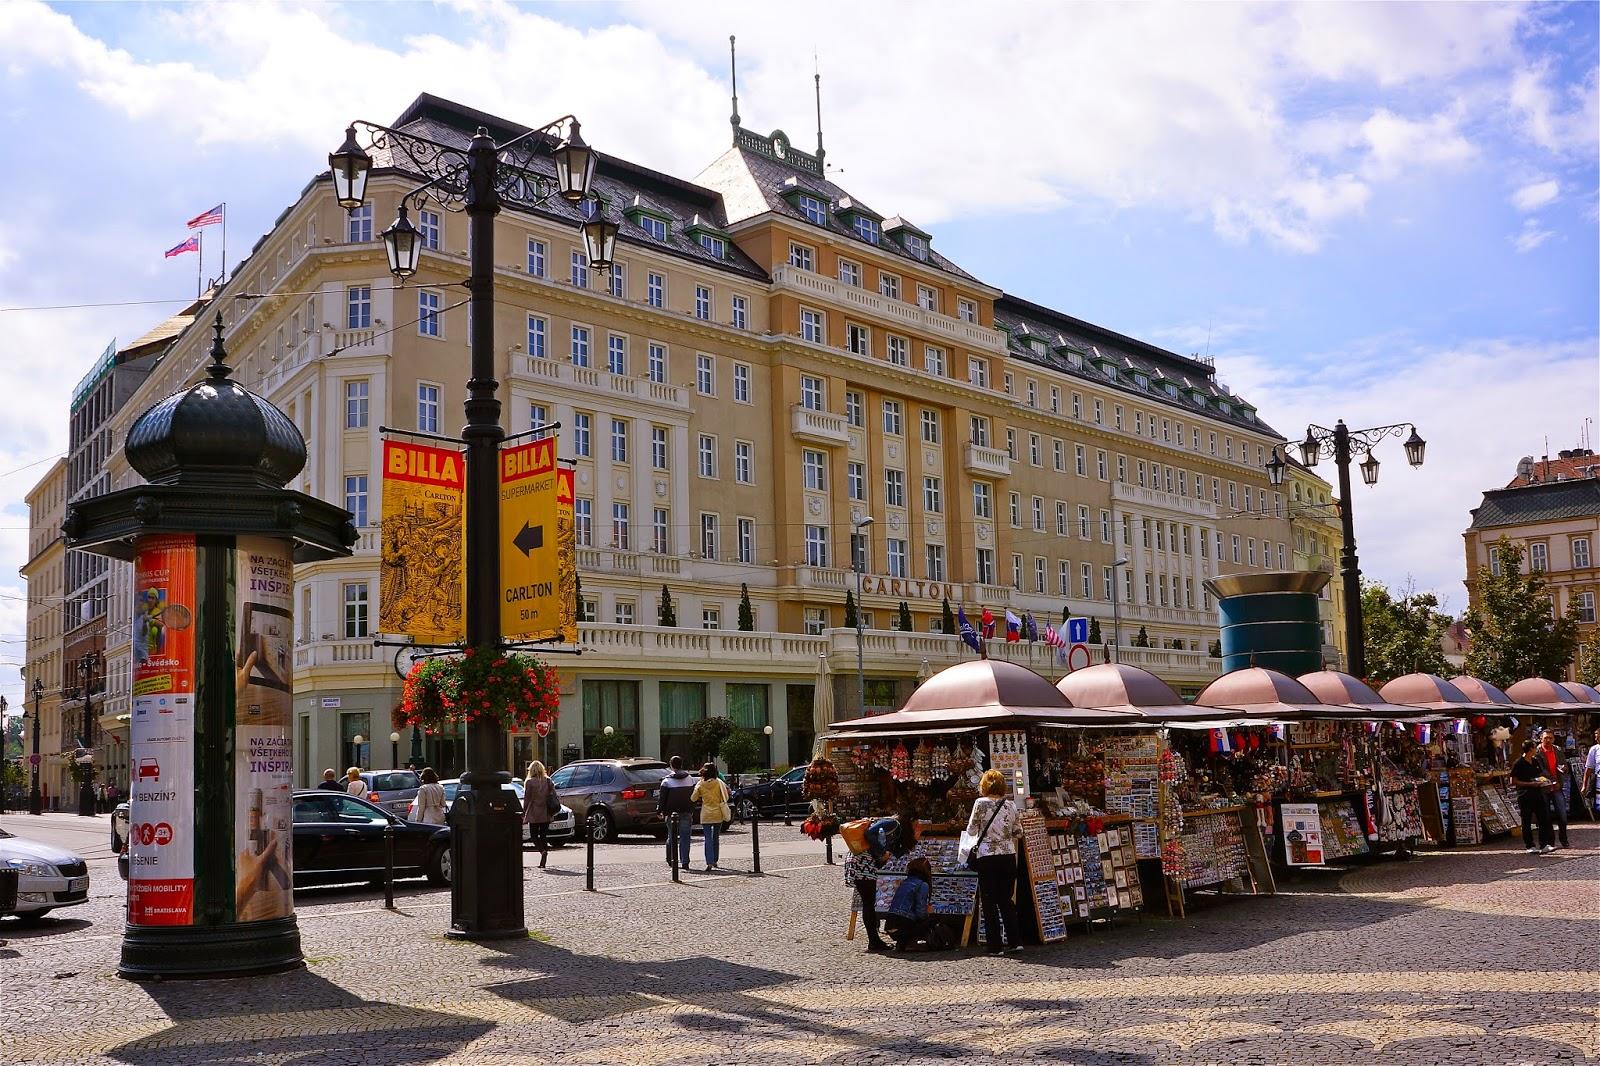 Picture of Radisson Blu Carlton Hotel in Bratislava.